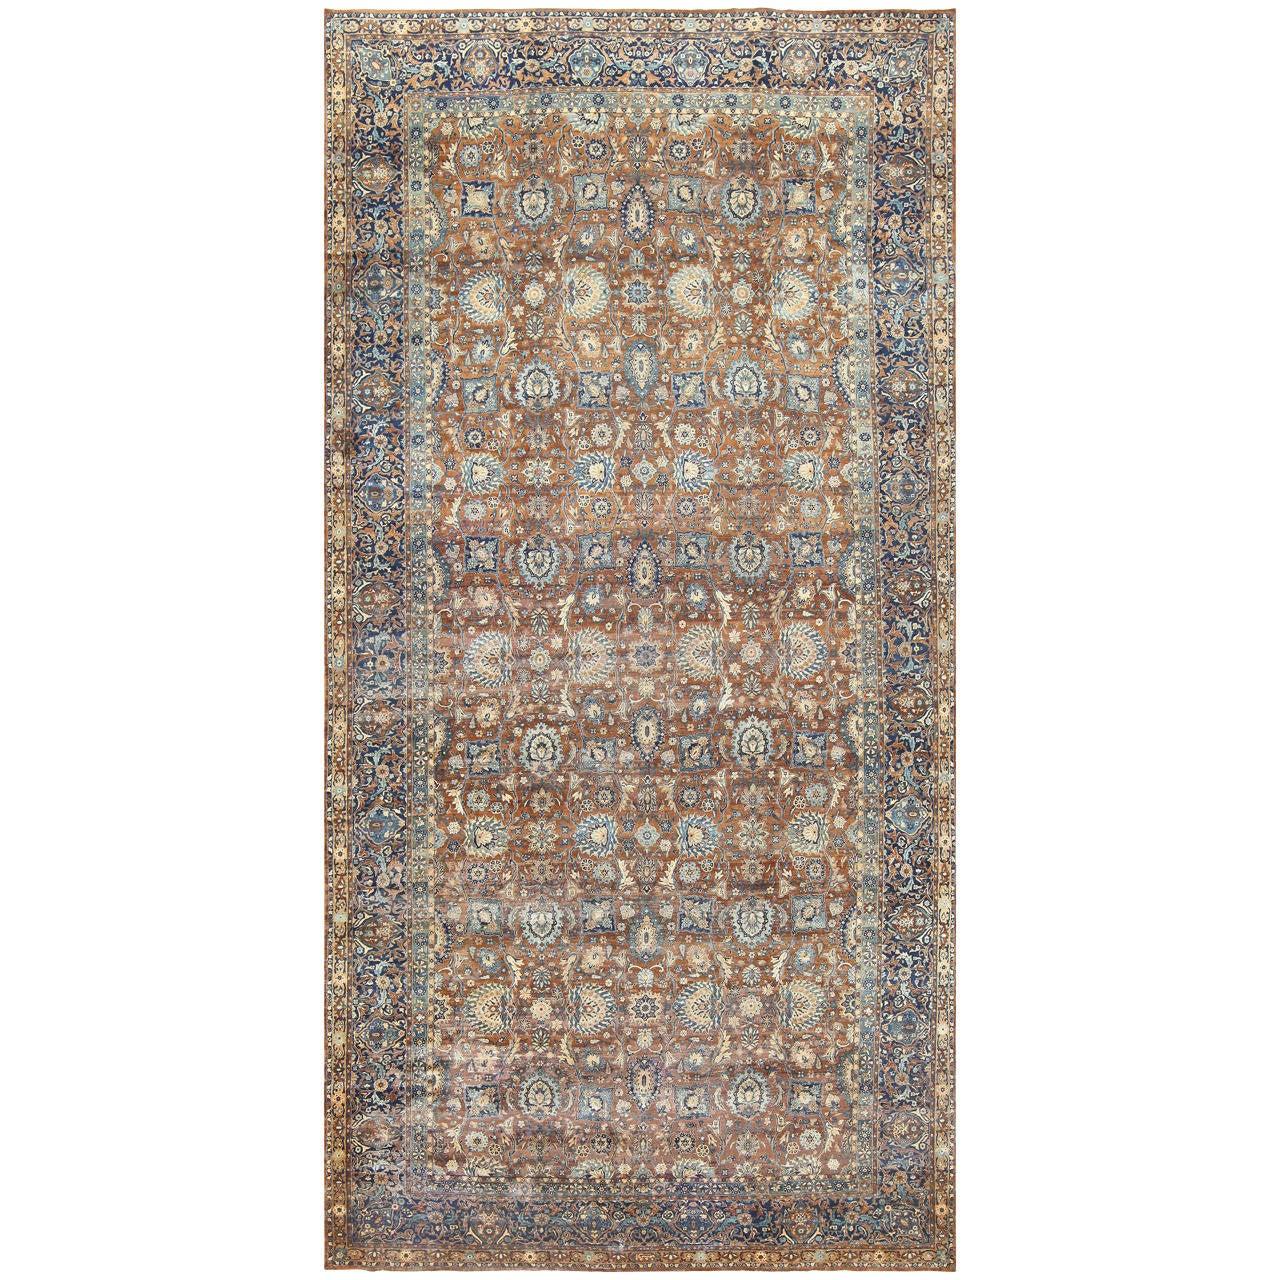 Beautiful Earth-Tone Oversized Antique Persian Kerman Carpet